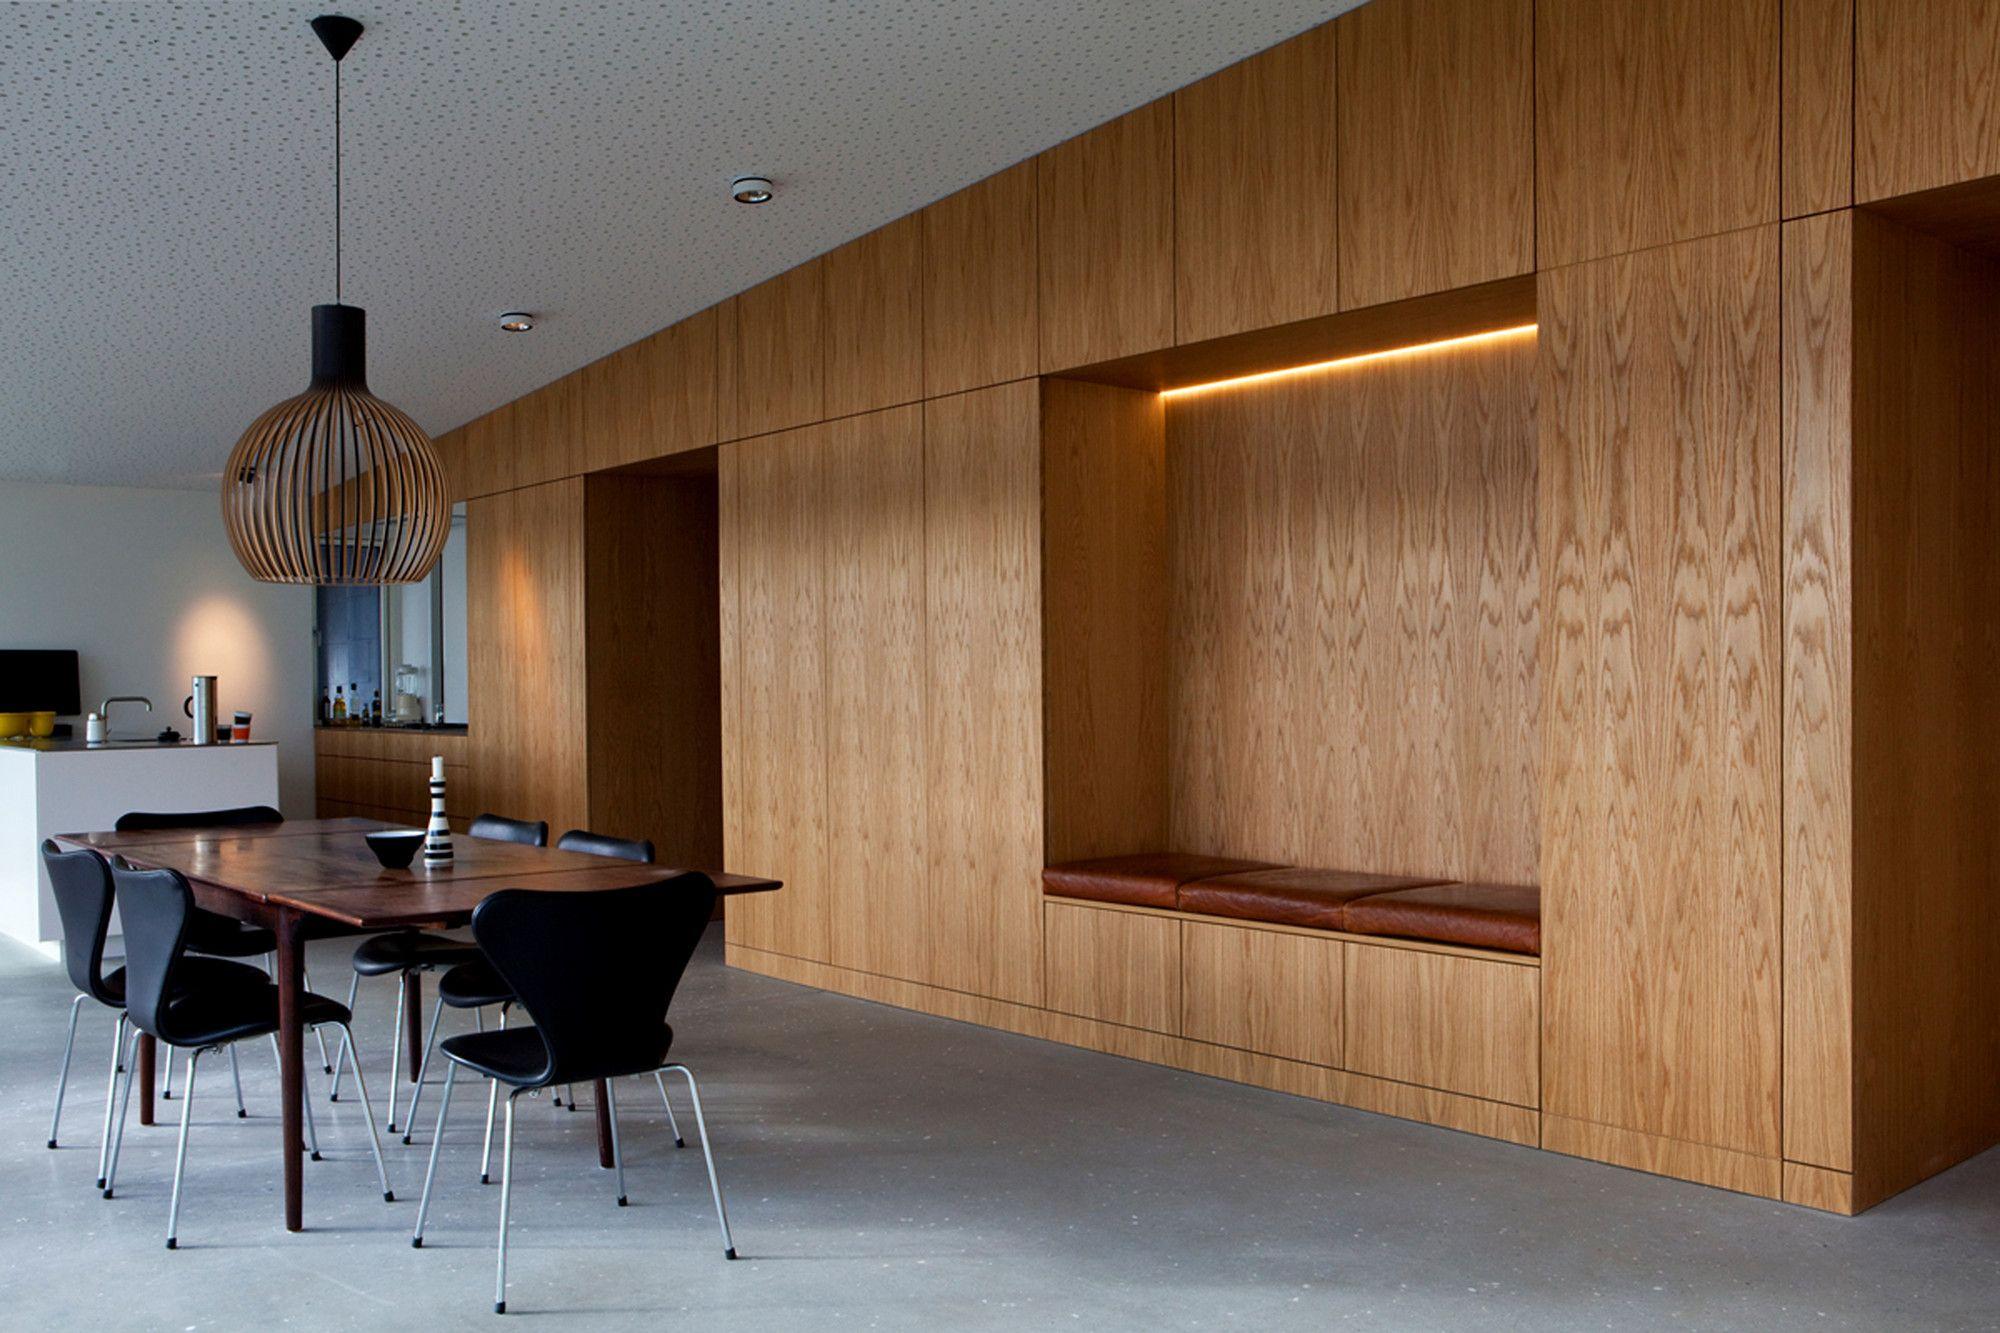 Villa Aarhus Friis & Moltke - 7 In 2019